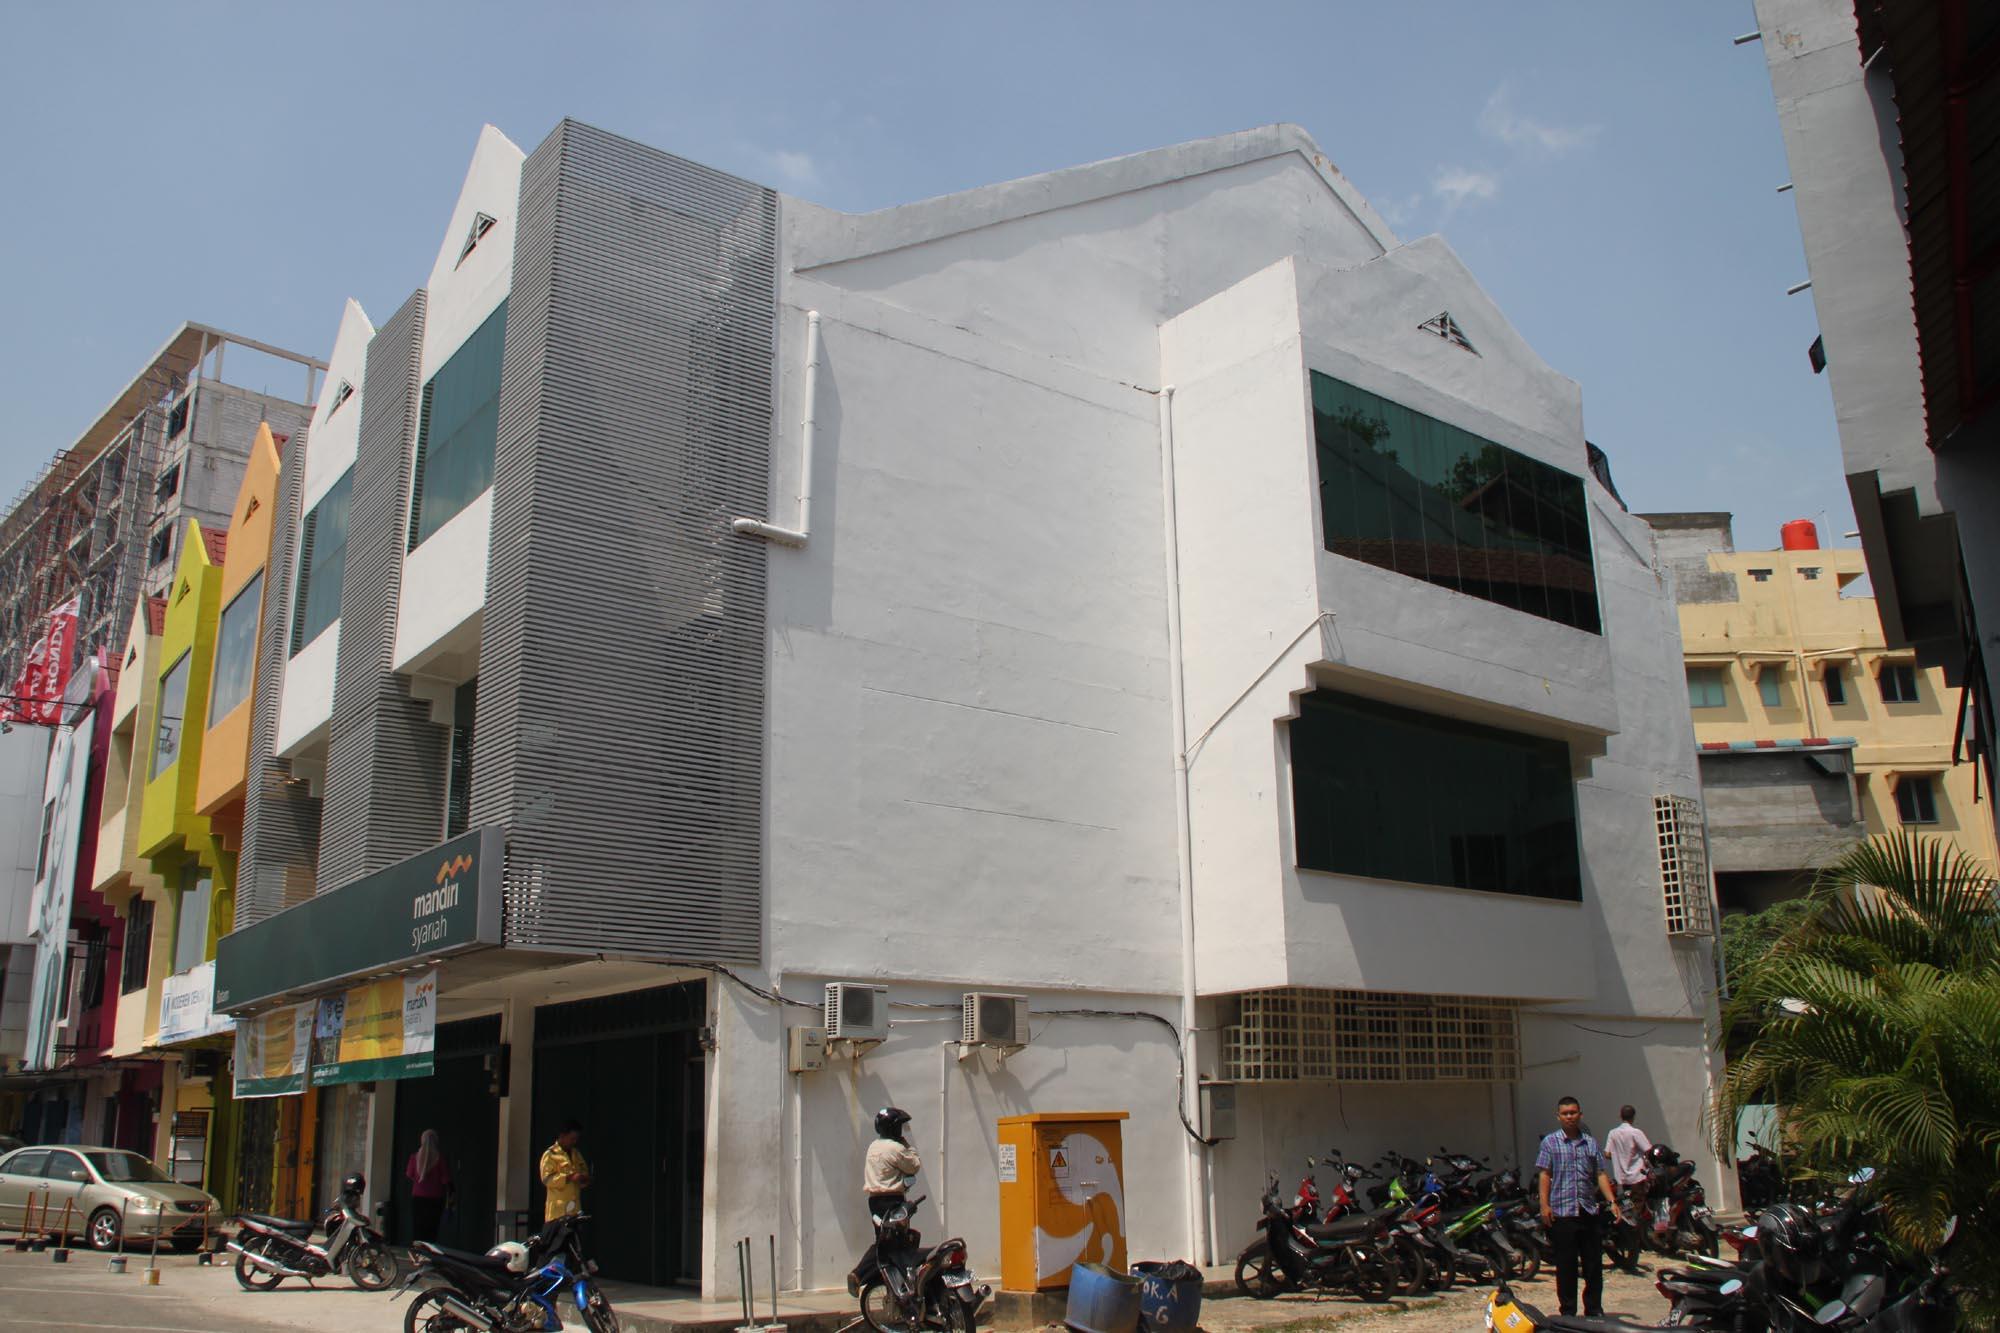 Jobsdb Bekasi Jobsdbid Info Lowongan Kerja Terbaru Bank Mandiri Syariah Nagoya Jt 14 Juni 2013 F Suprizal Tanjung Image